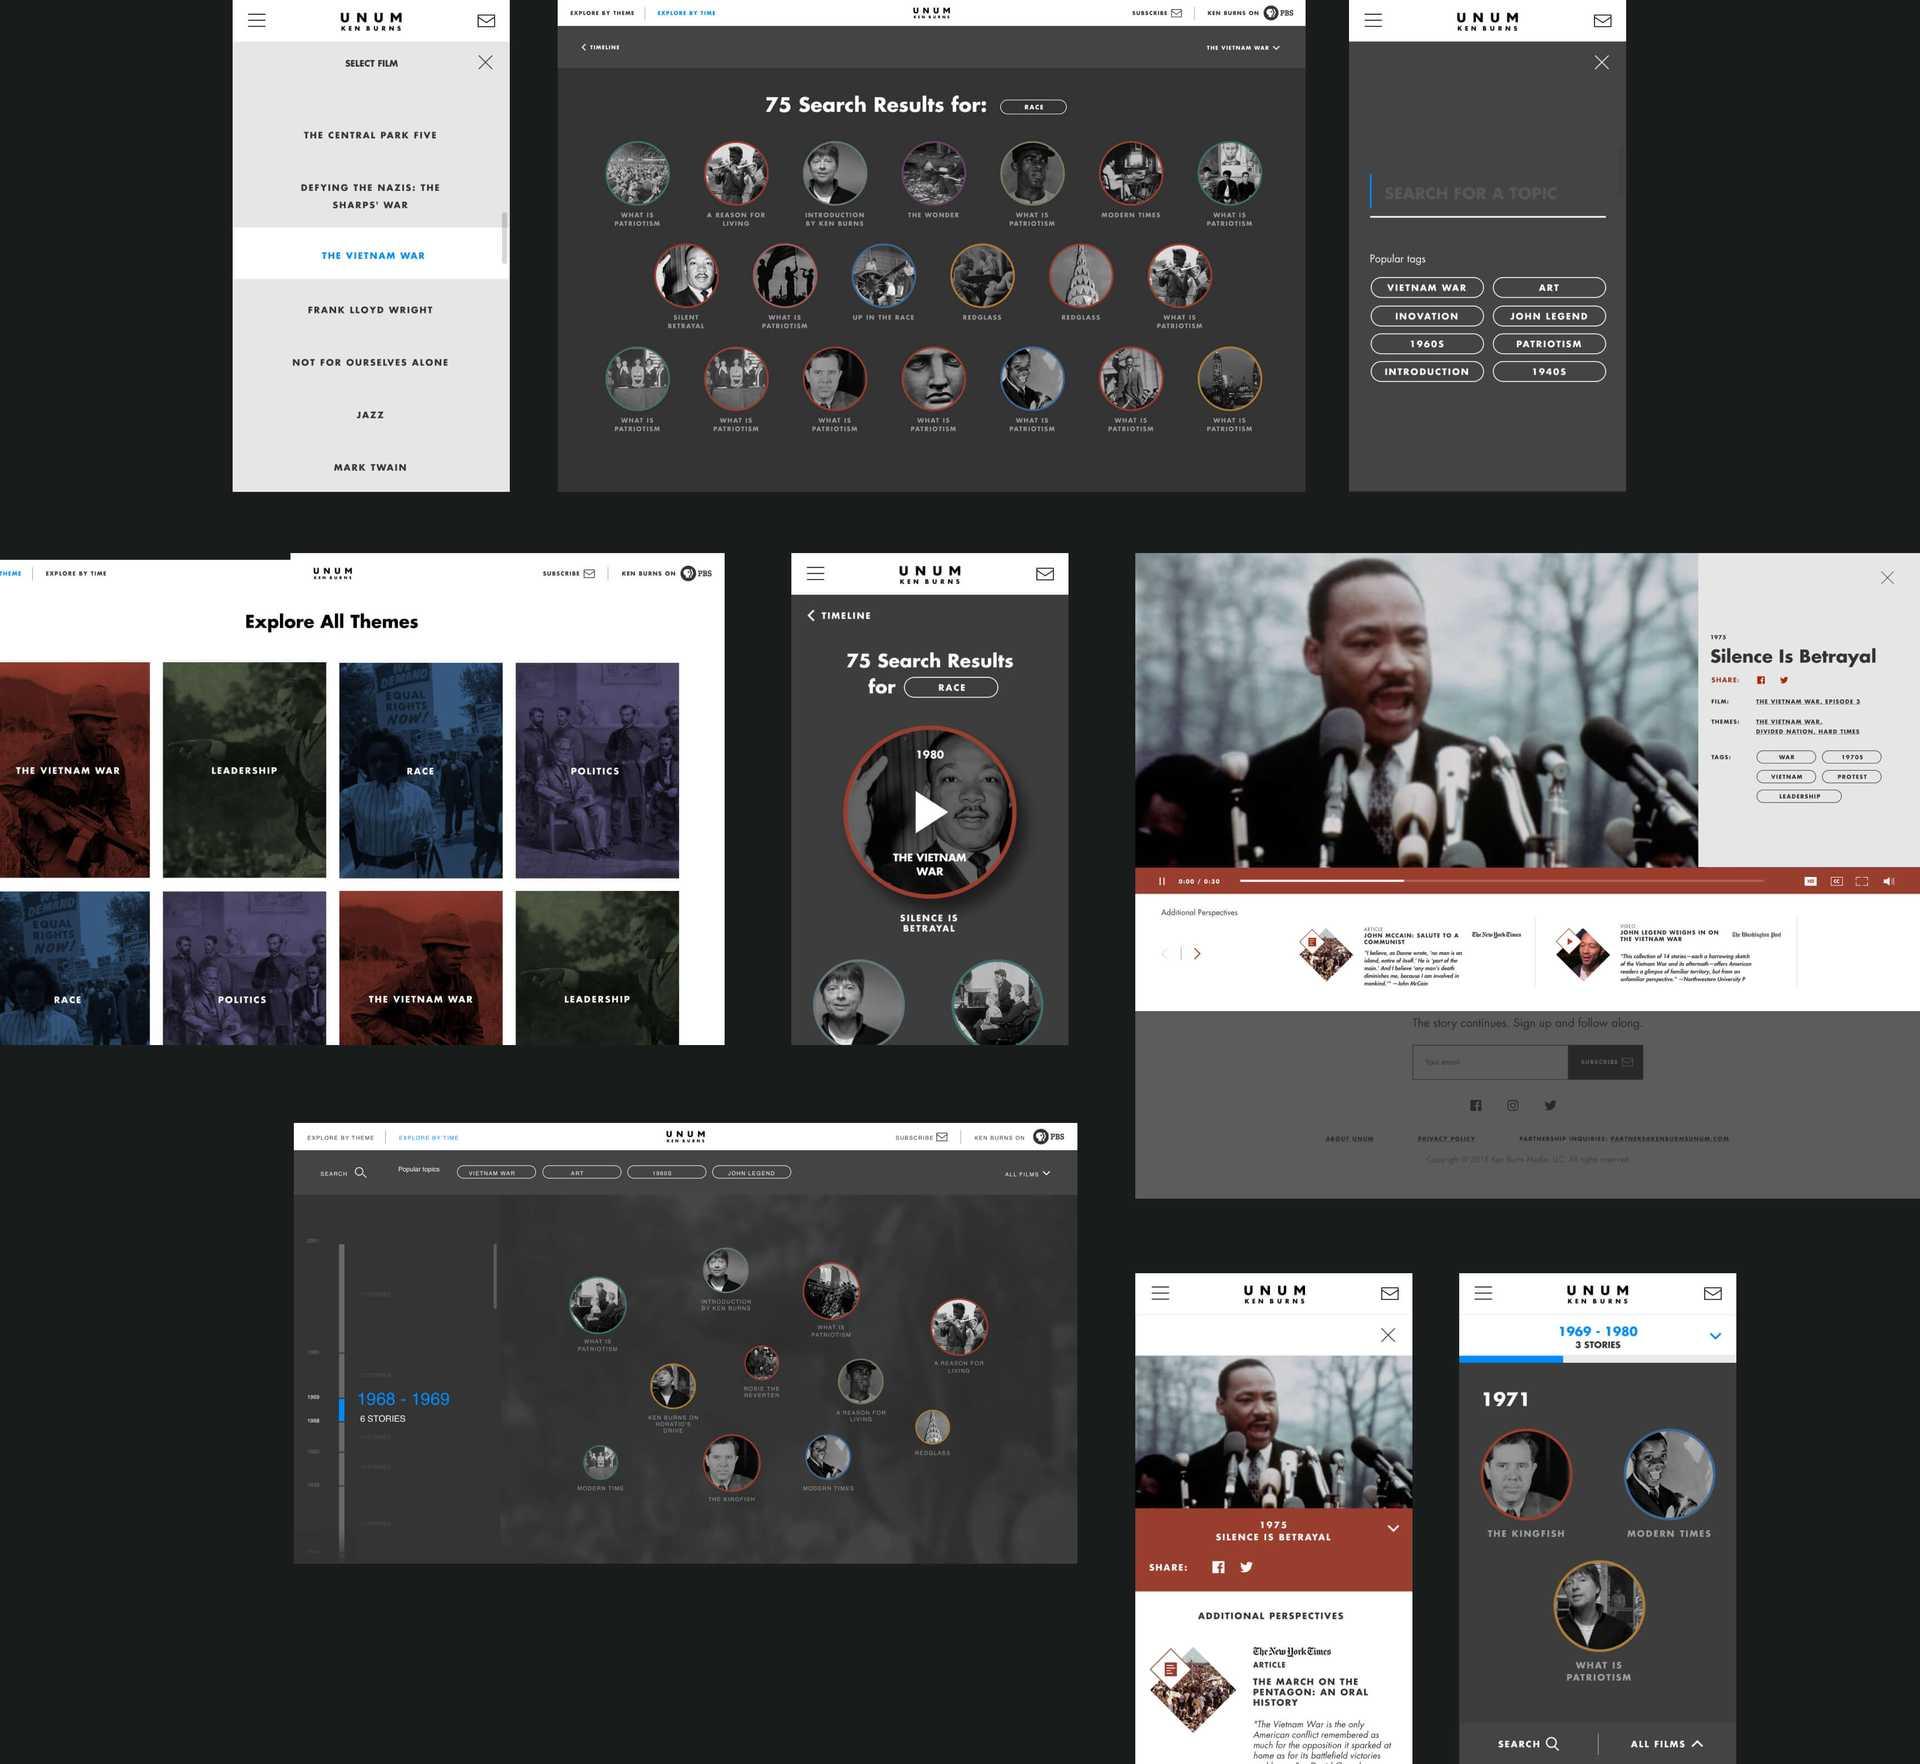 Ken Burns website collage